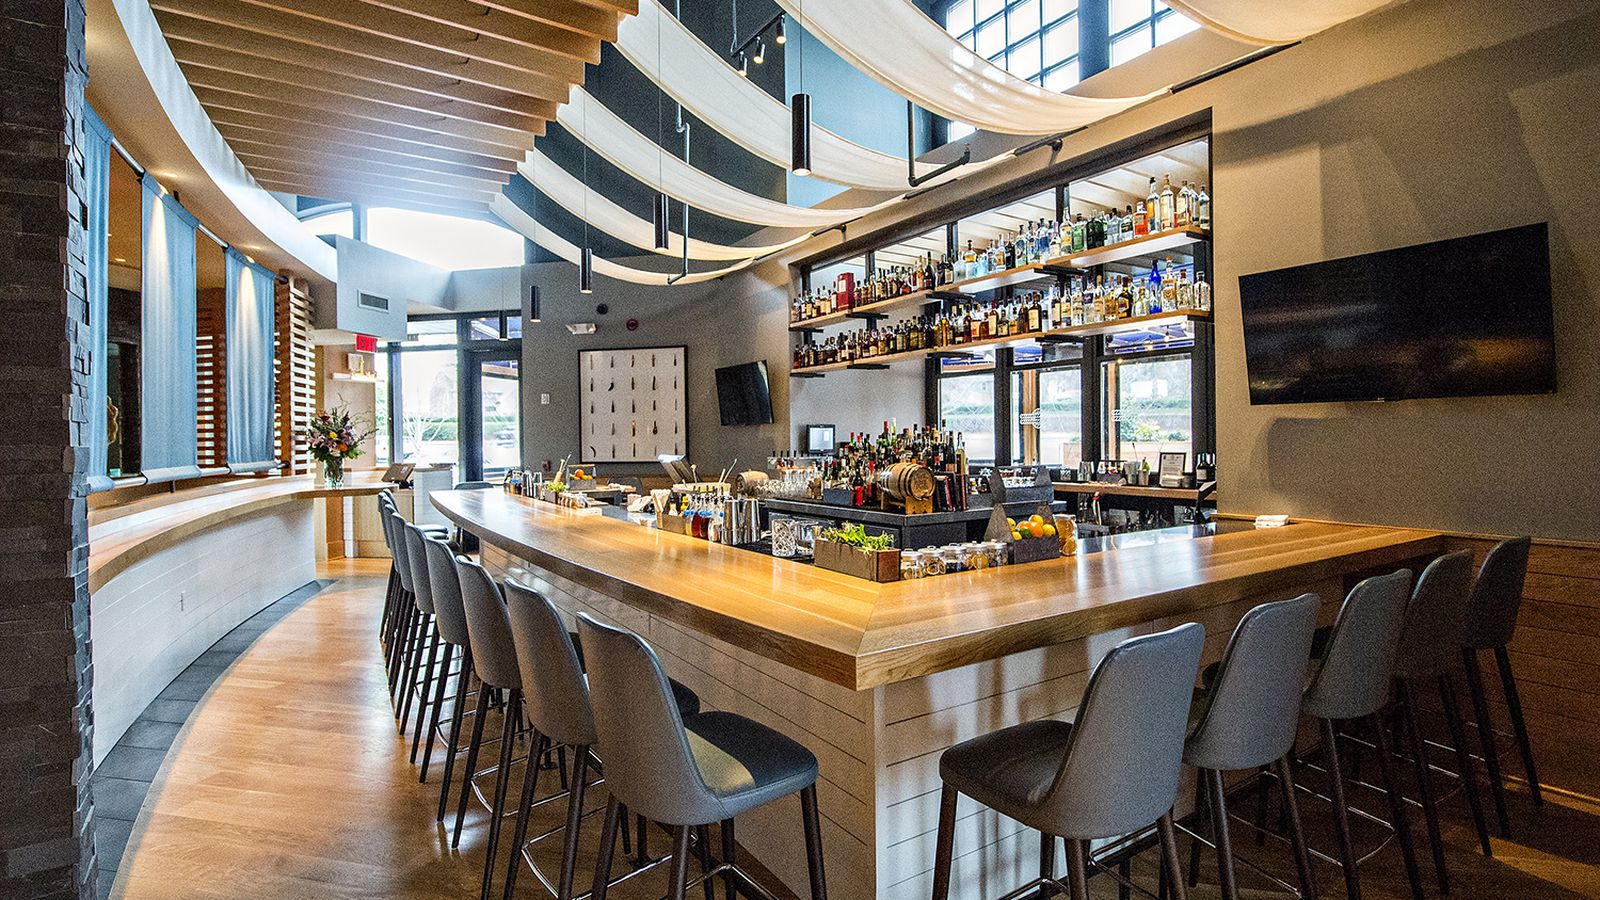 Inside drift fish house oyster bar doug turbush 39 s for Boston fish house menu